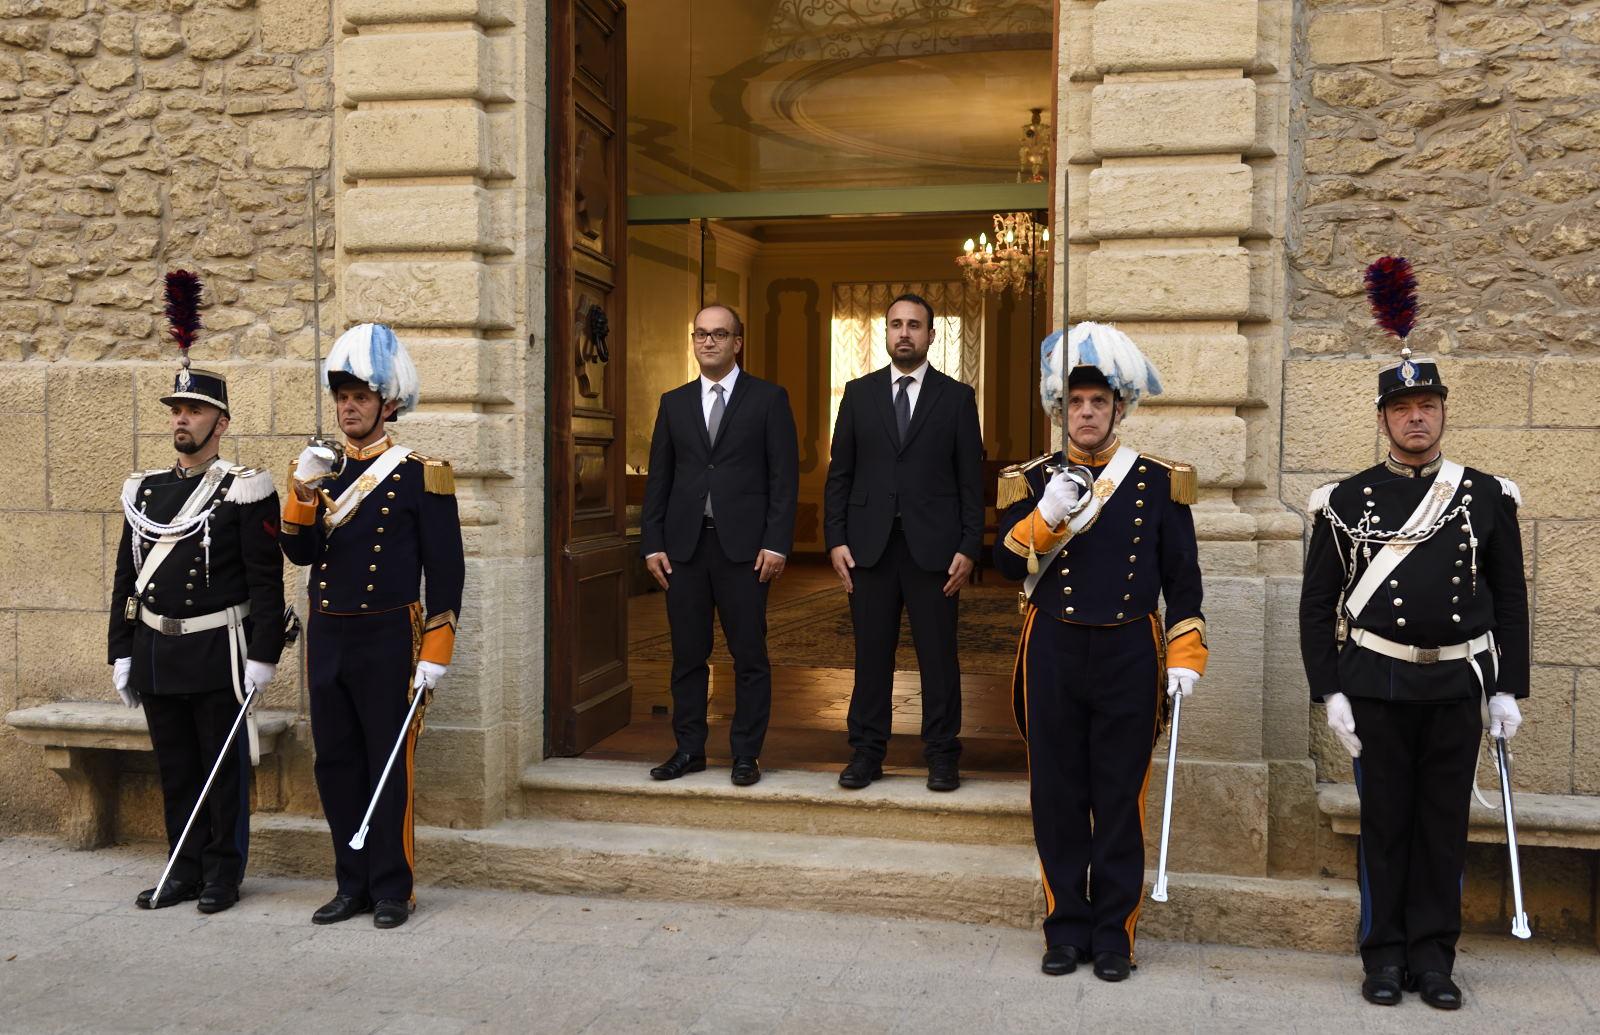 Il Consiglio nomina i nuovi Reggenti: Matteo Fiorini e Enrico Carattoni